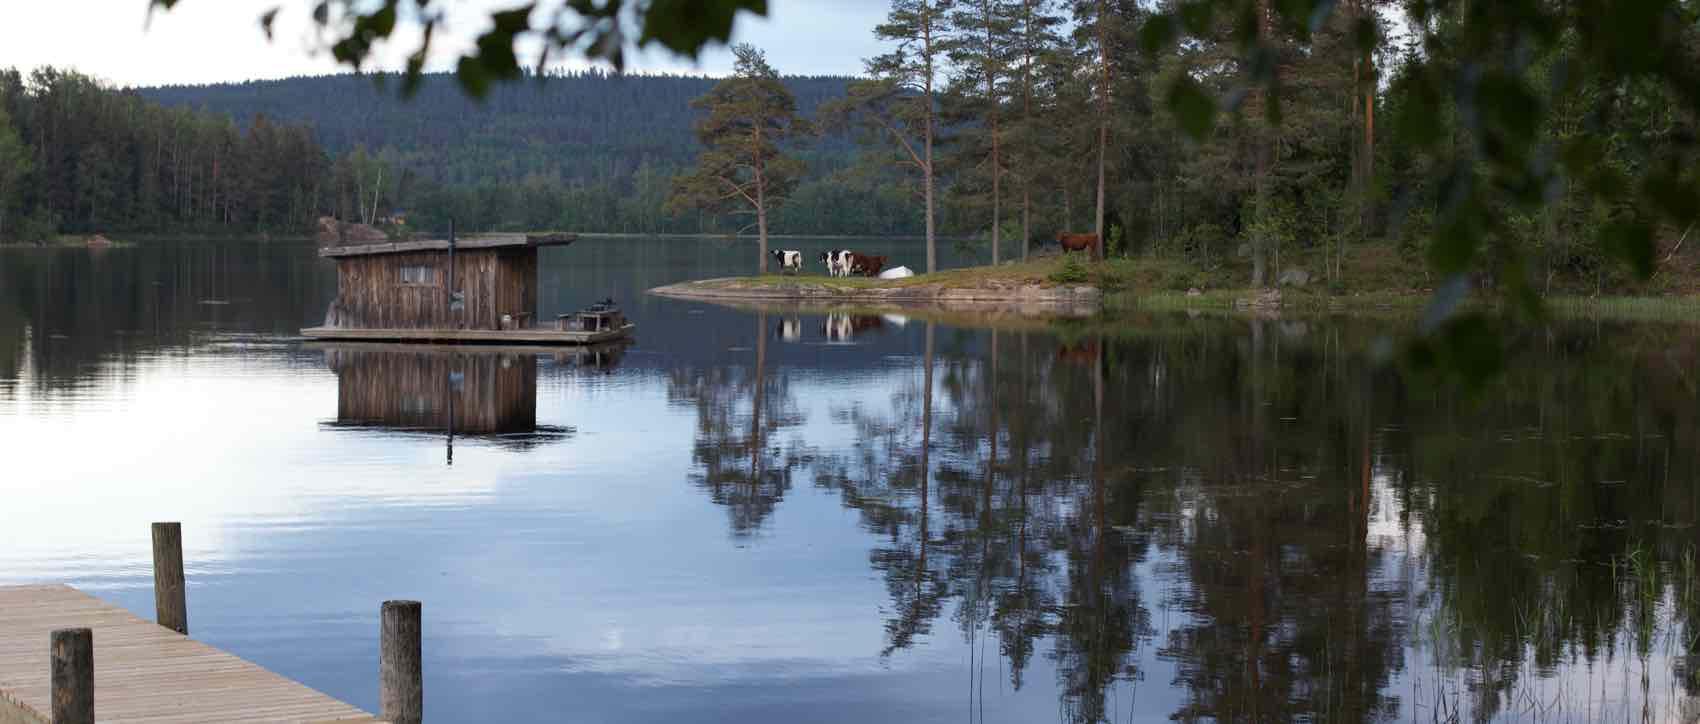 Svensk idyll:Ved innsjøen Eldan, ligger campen Naturbyn